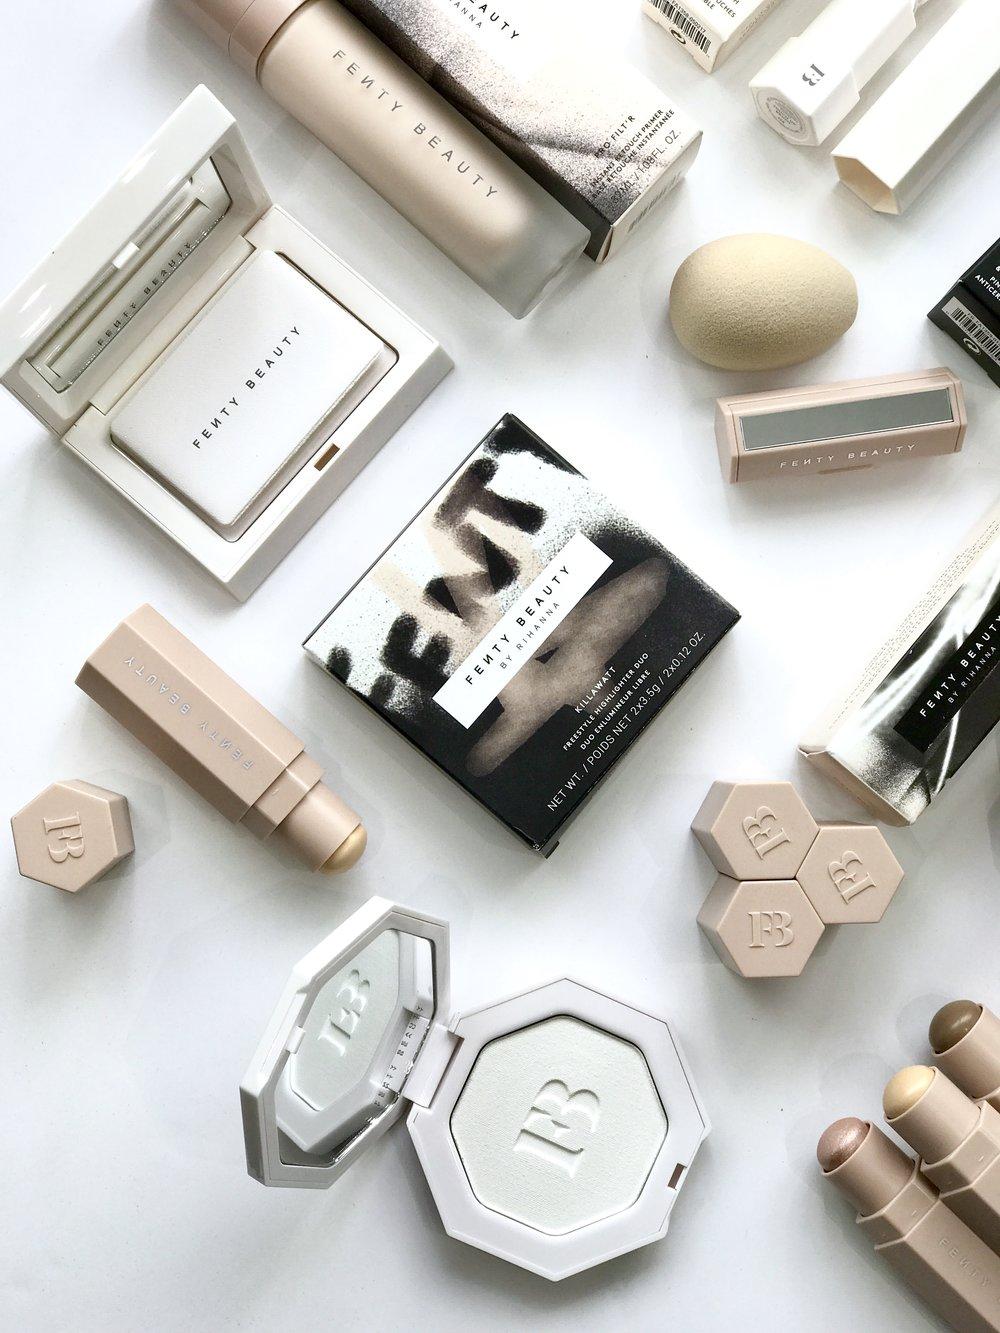 fenty-beauty-review